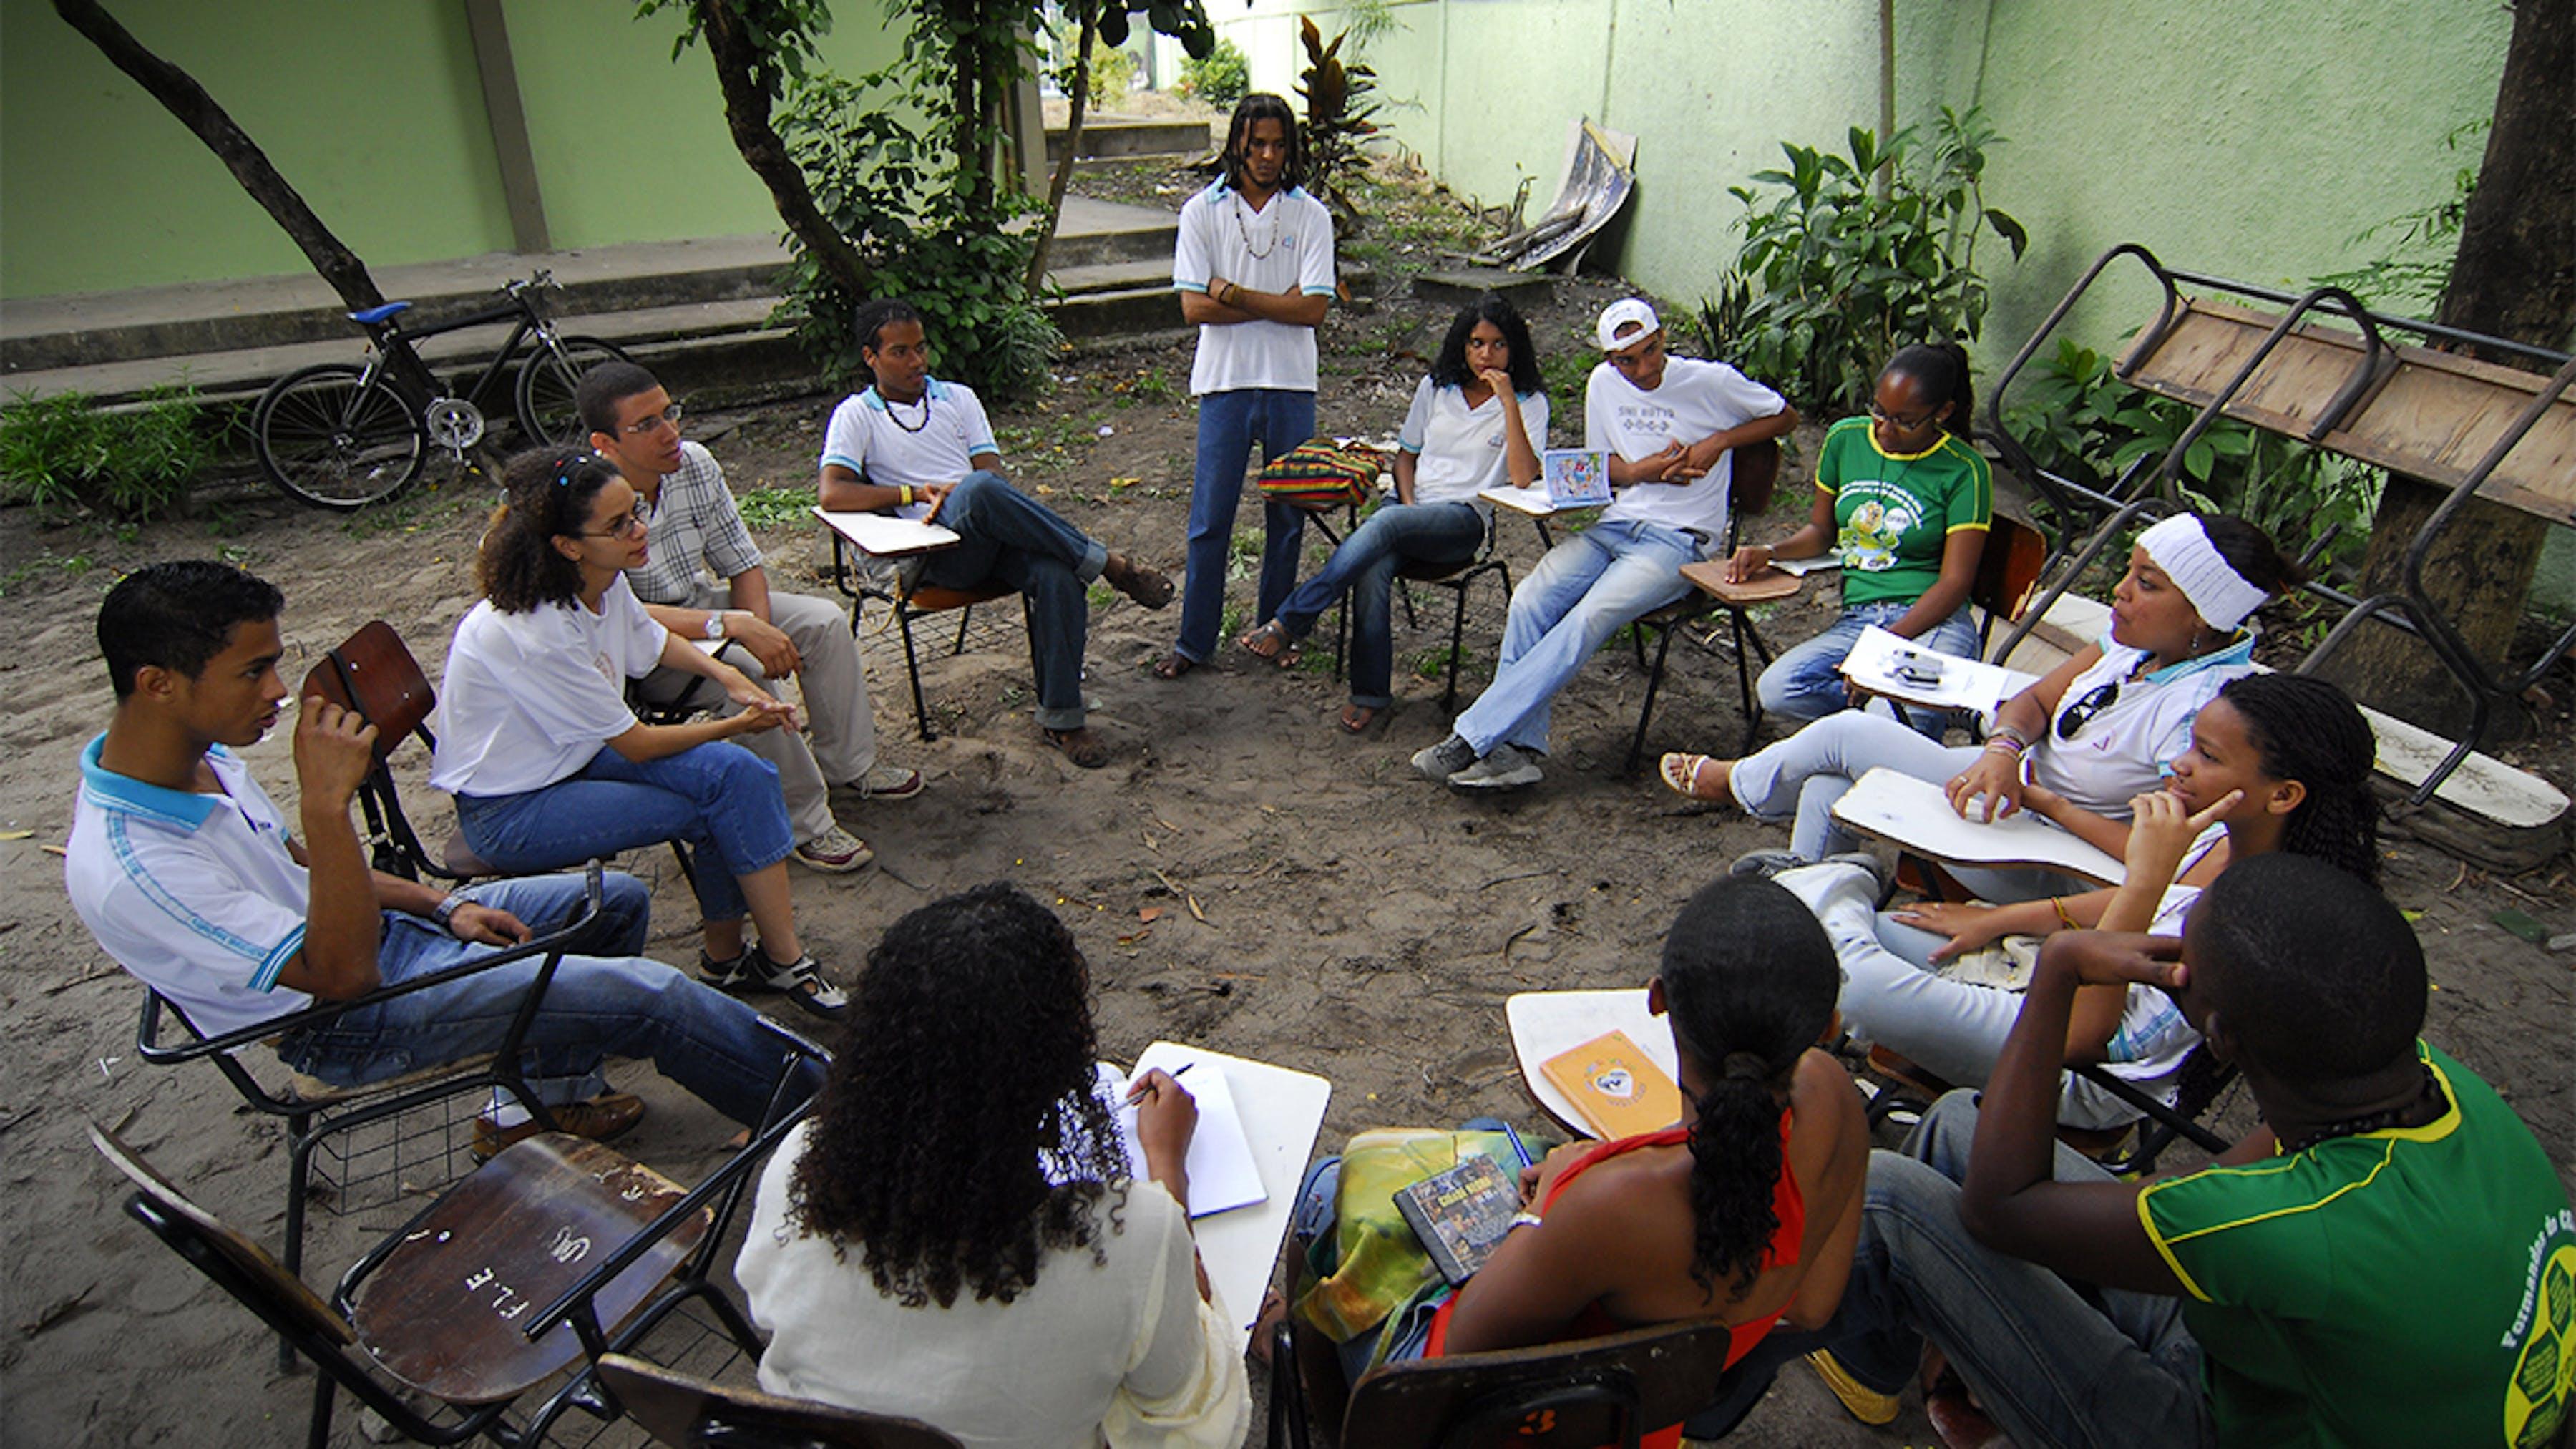 Brasile, adolescenti discutono di questioni sociali, tra cui razzismo.